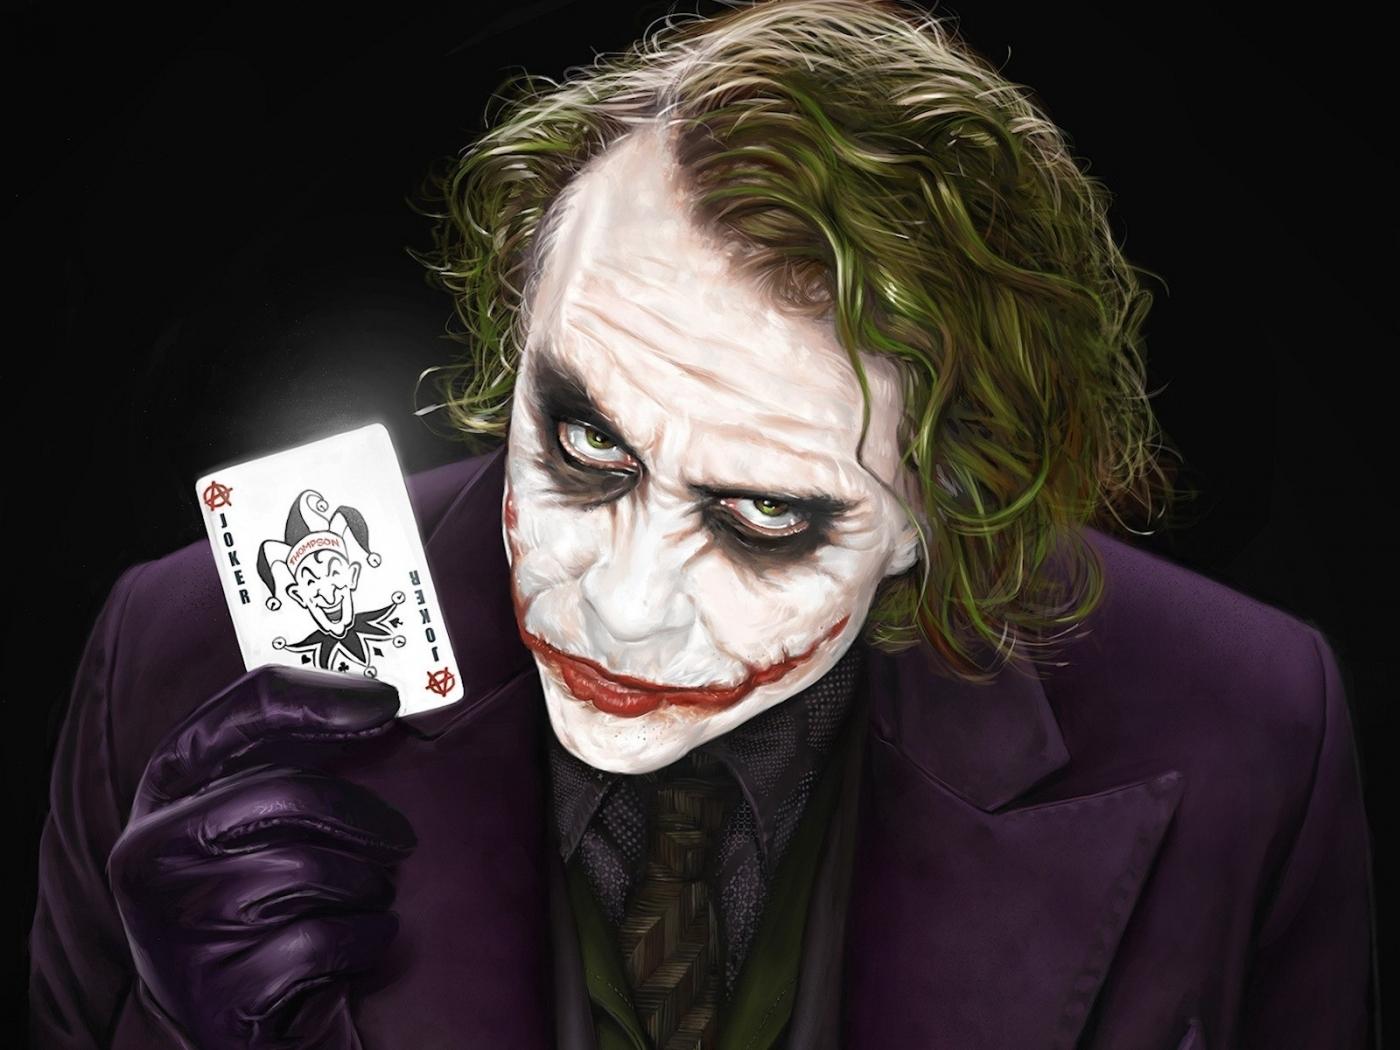 44402 Hintergrundbild herunterladen Kino, Menschen, Männer, Joker - Bildschirmschoner und Bilder kostenlos